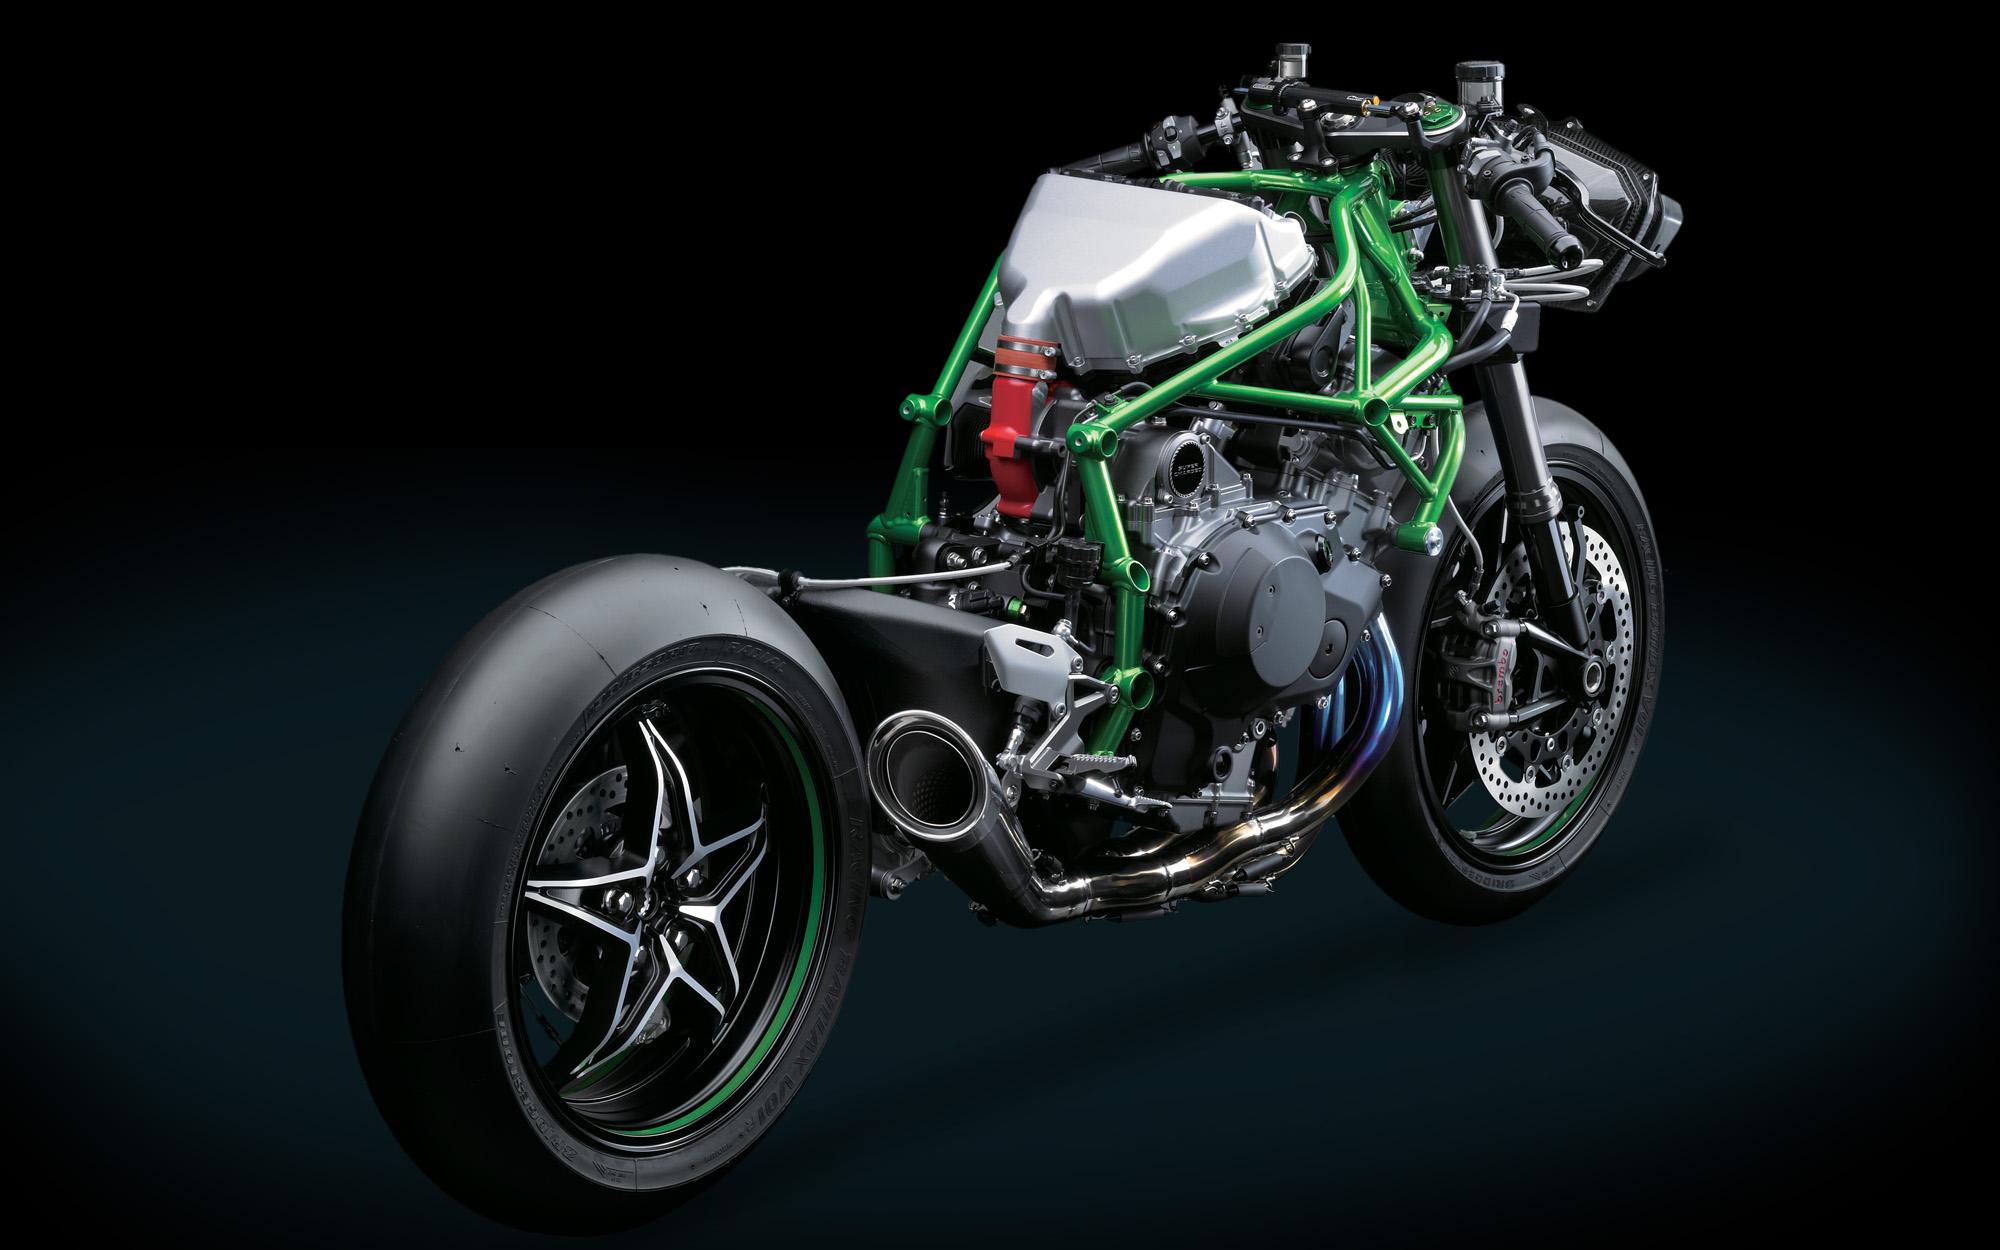 Kawasaki Ninja H2r 29